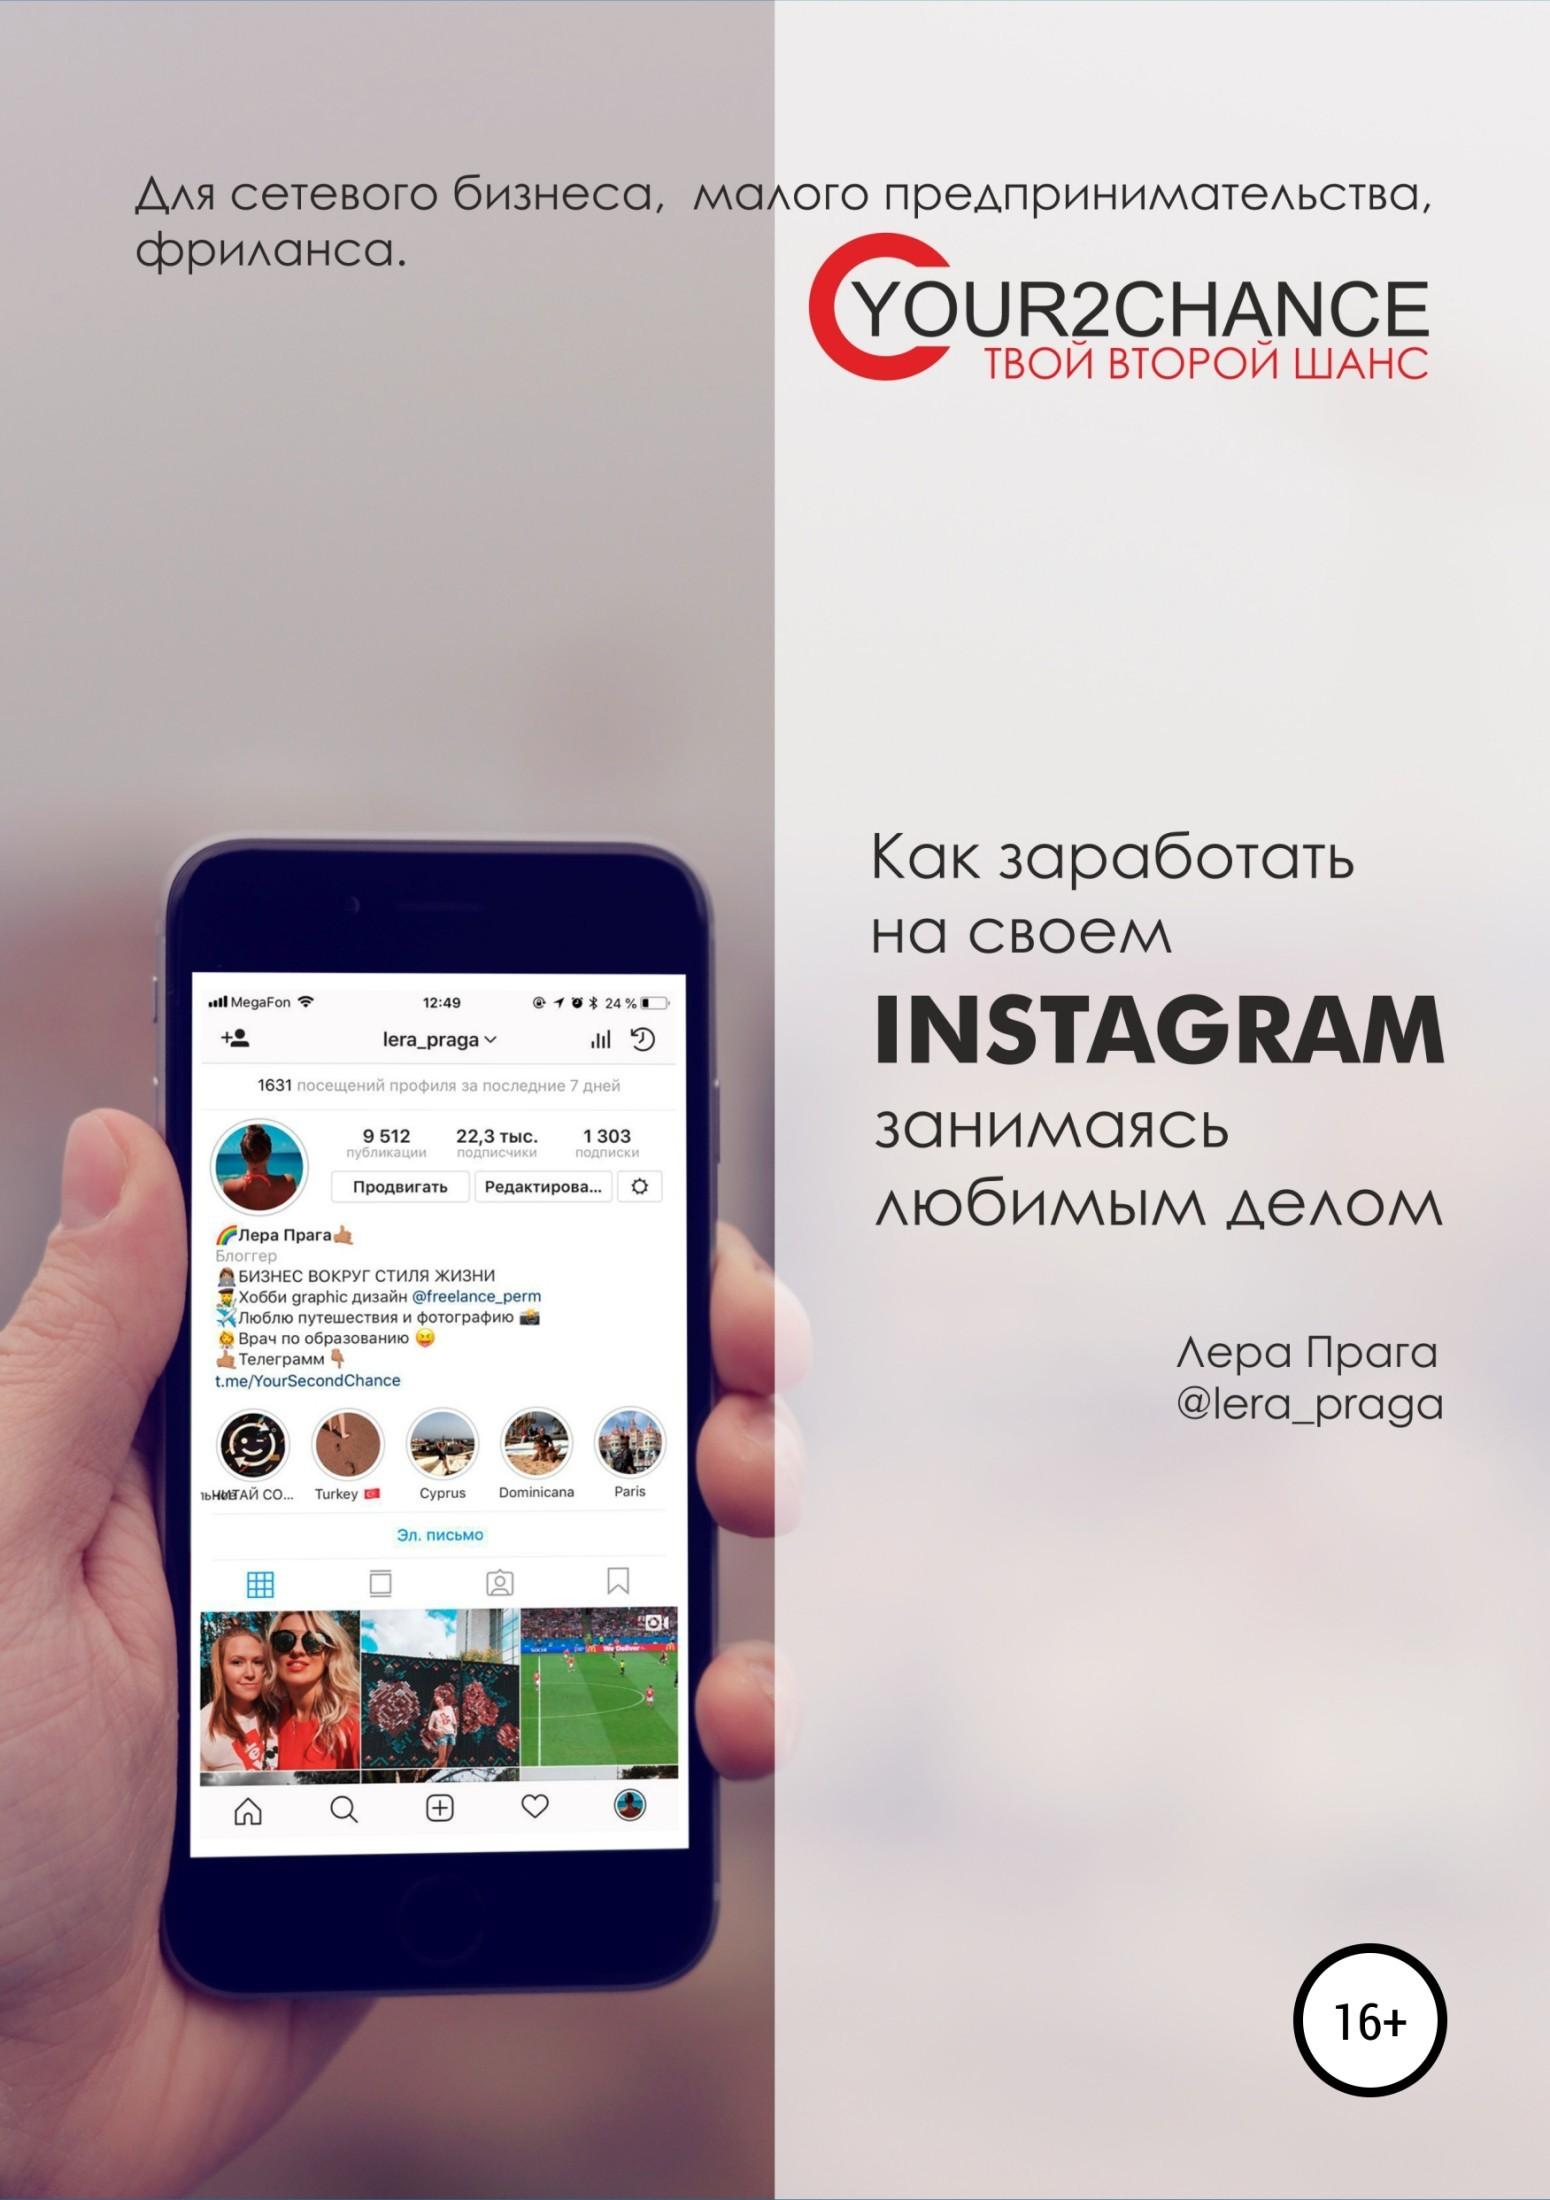 фото обложки издания Как заработать на своём Instagram, занимаясь любимым делом. Для сетевого бизнеса, малого предпринимательства, фриланса